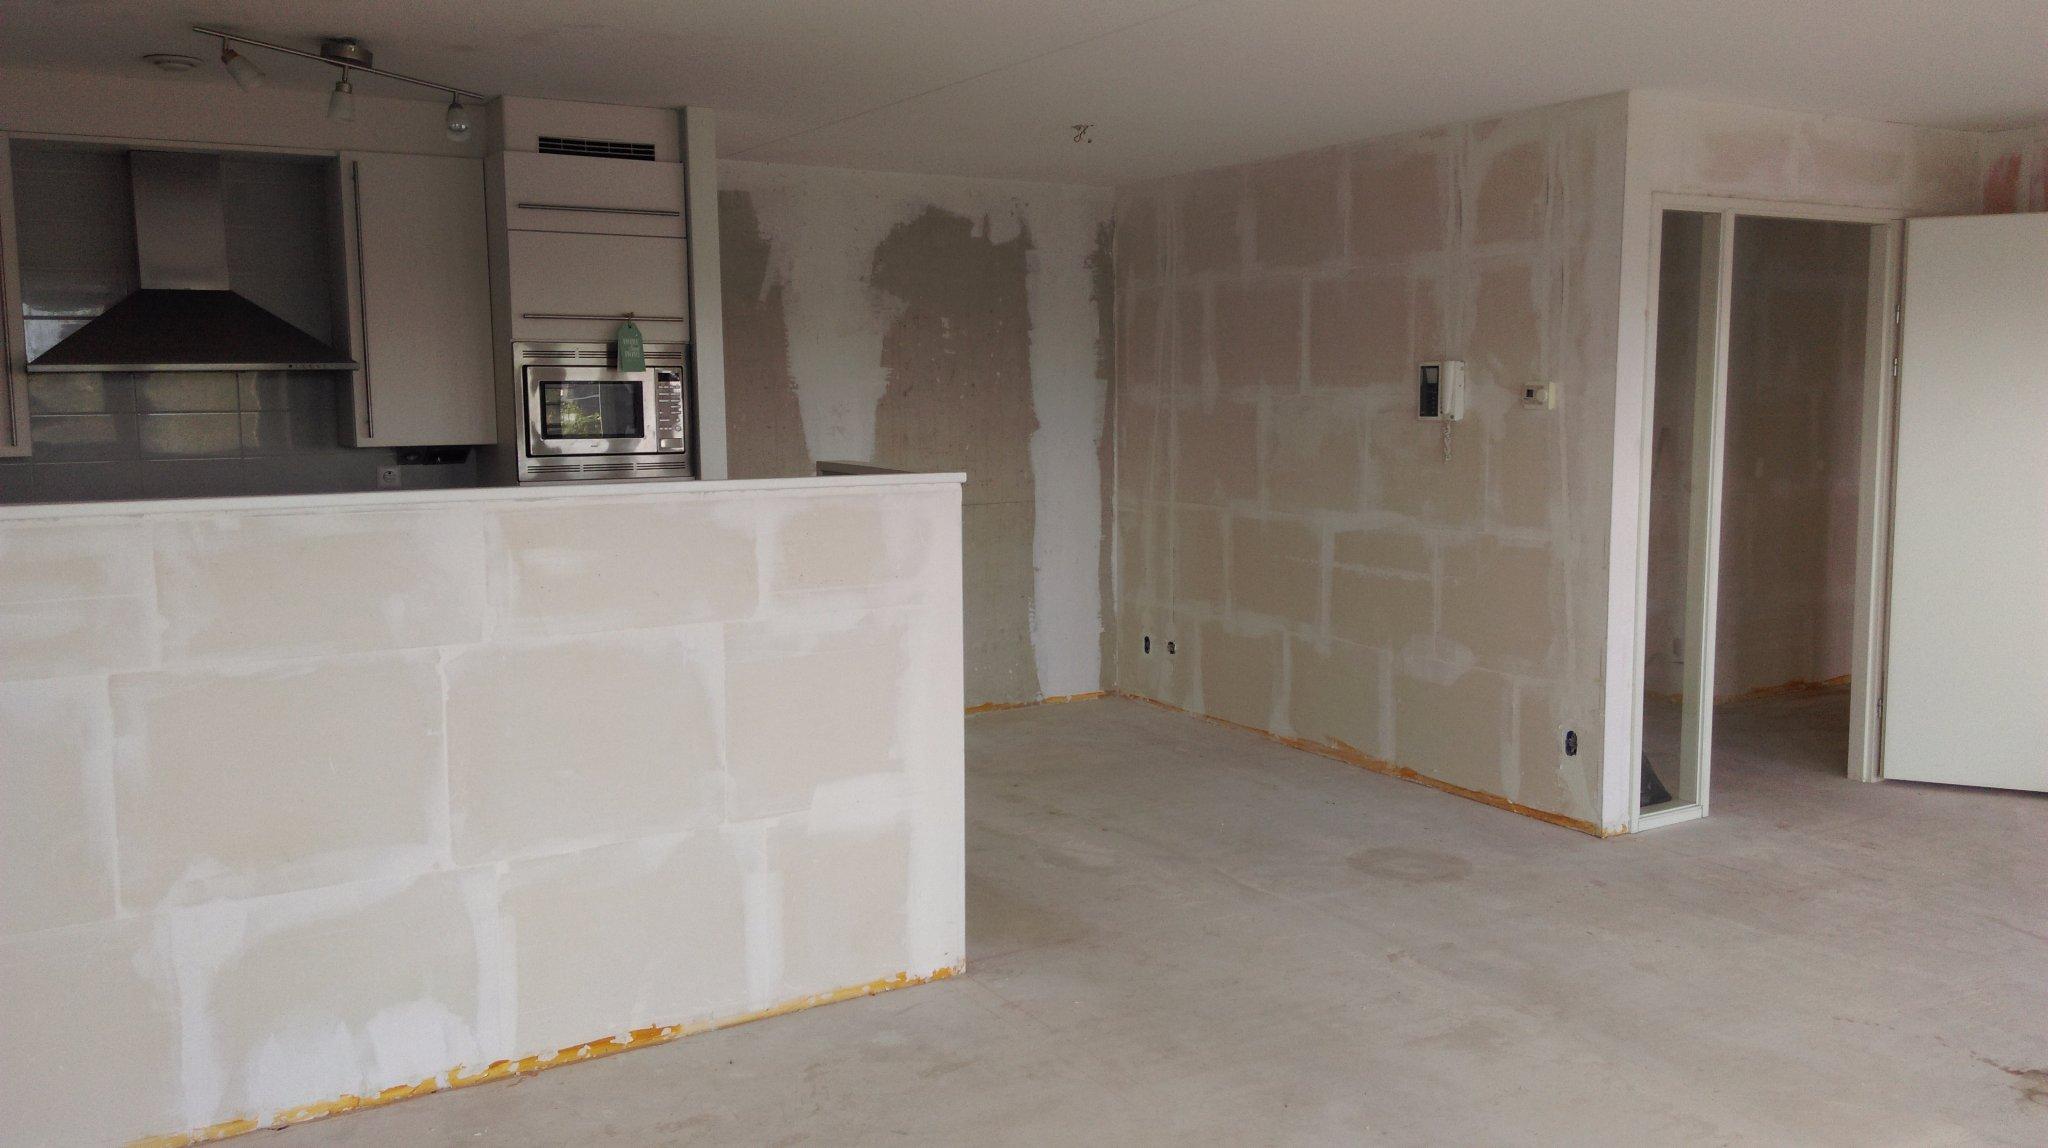 Behangen 140 m2 vliesbehang op betonnen en gipsblokken for Kostprijs behangen per m2